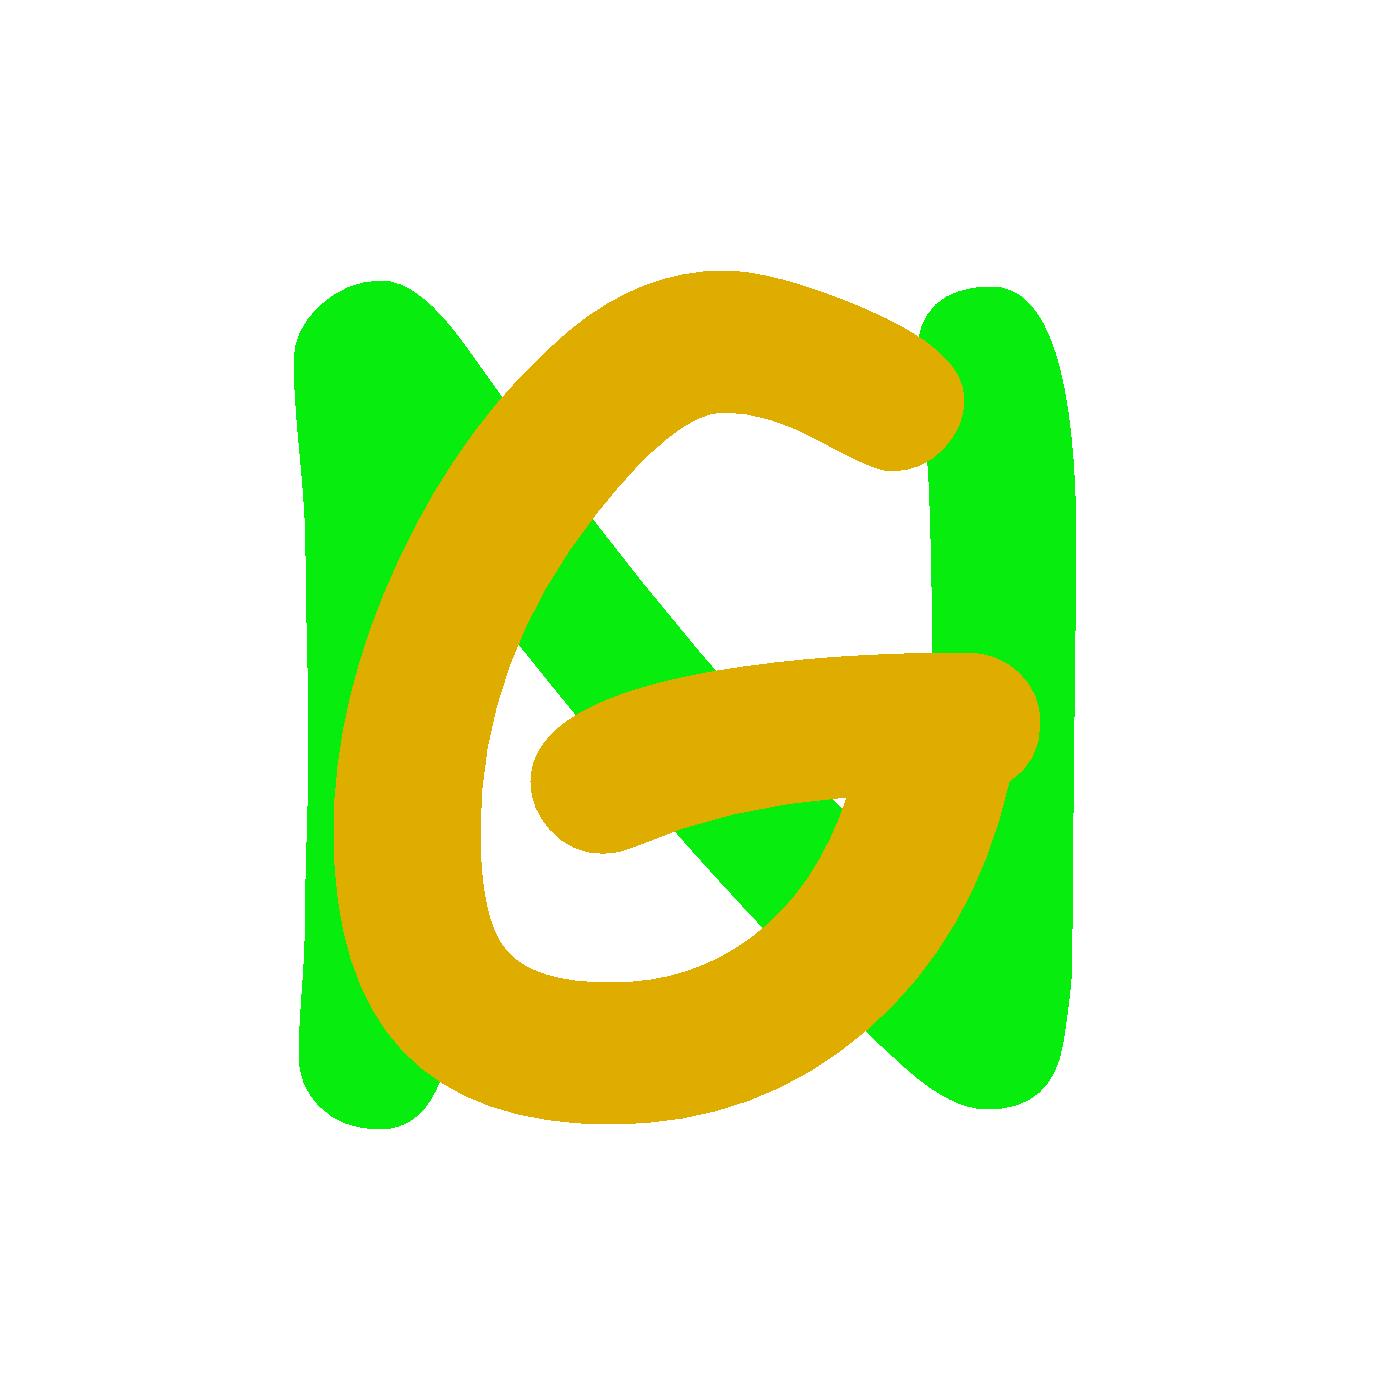 Logotipo de NatGu.